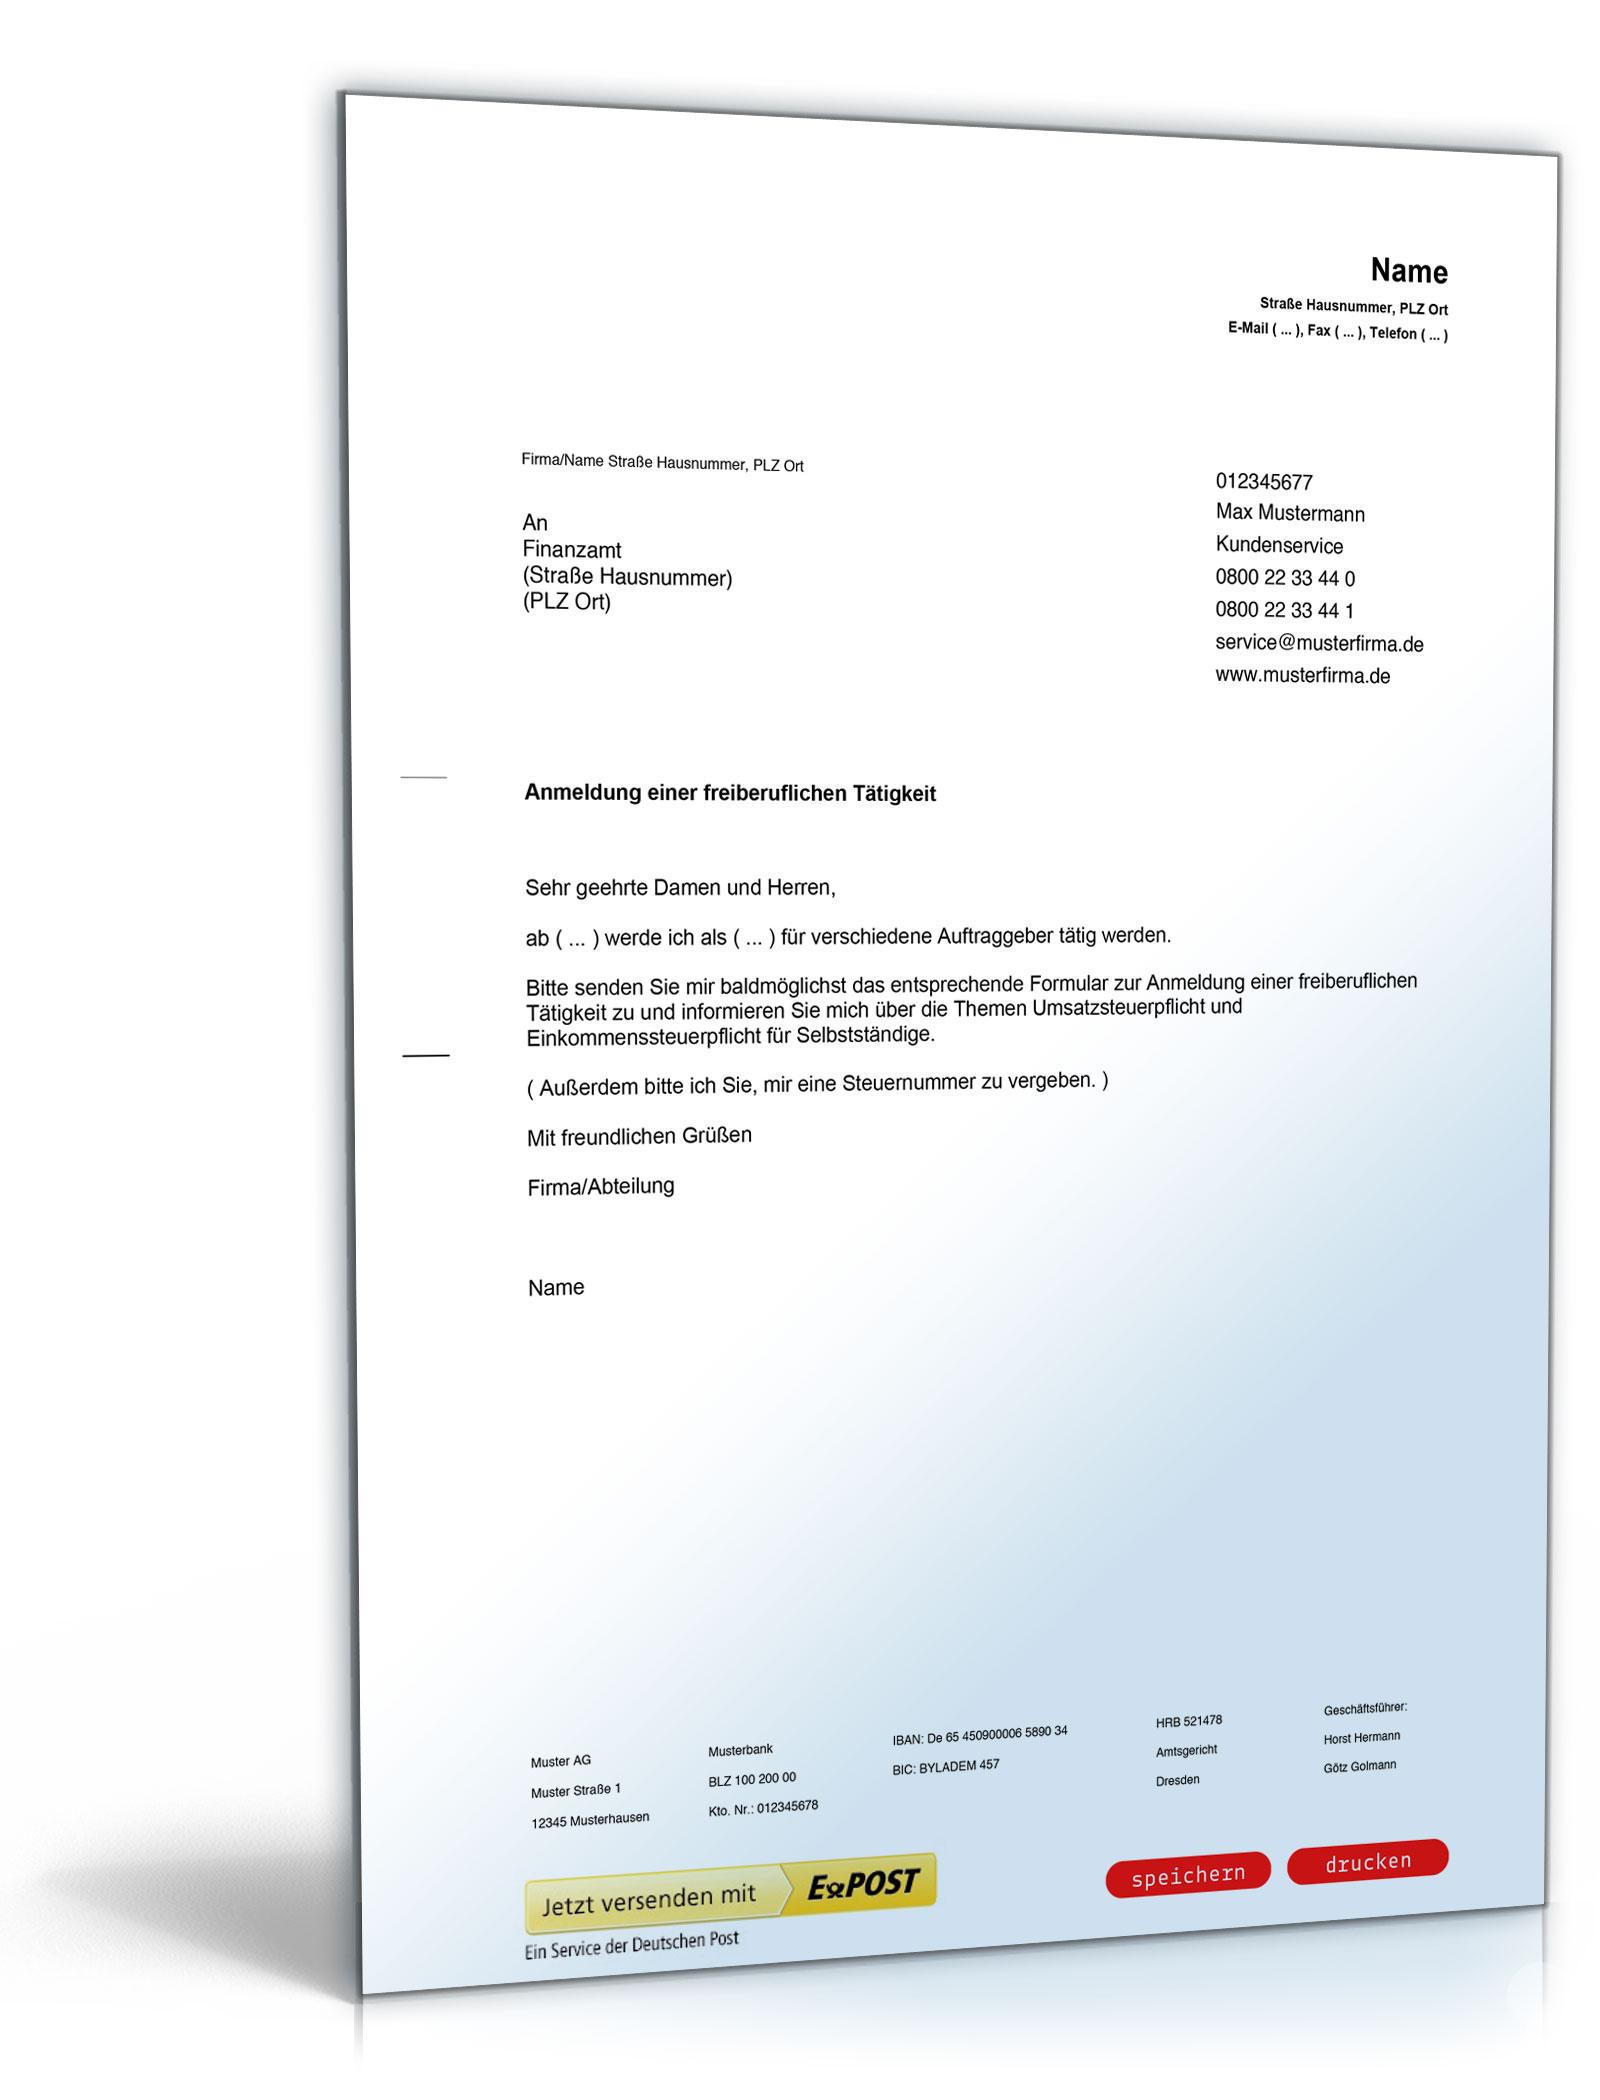 Anmeldung einer freiberuflichen / selbstständigen Tätigkeit beim Finanzamt